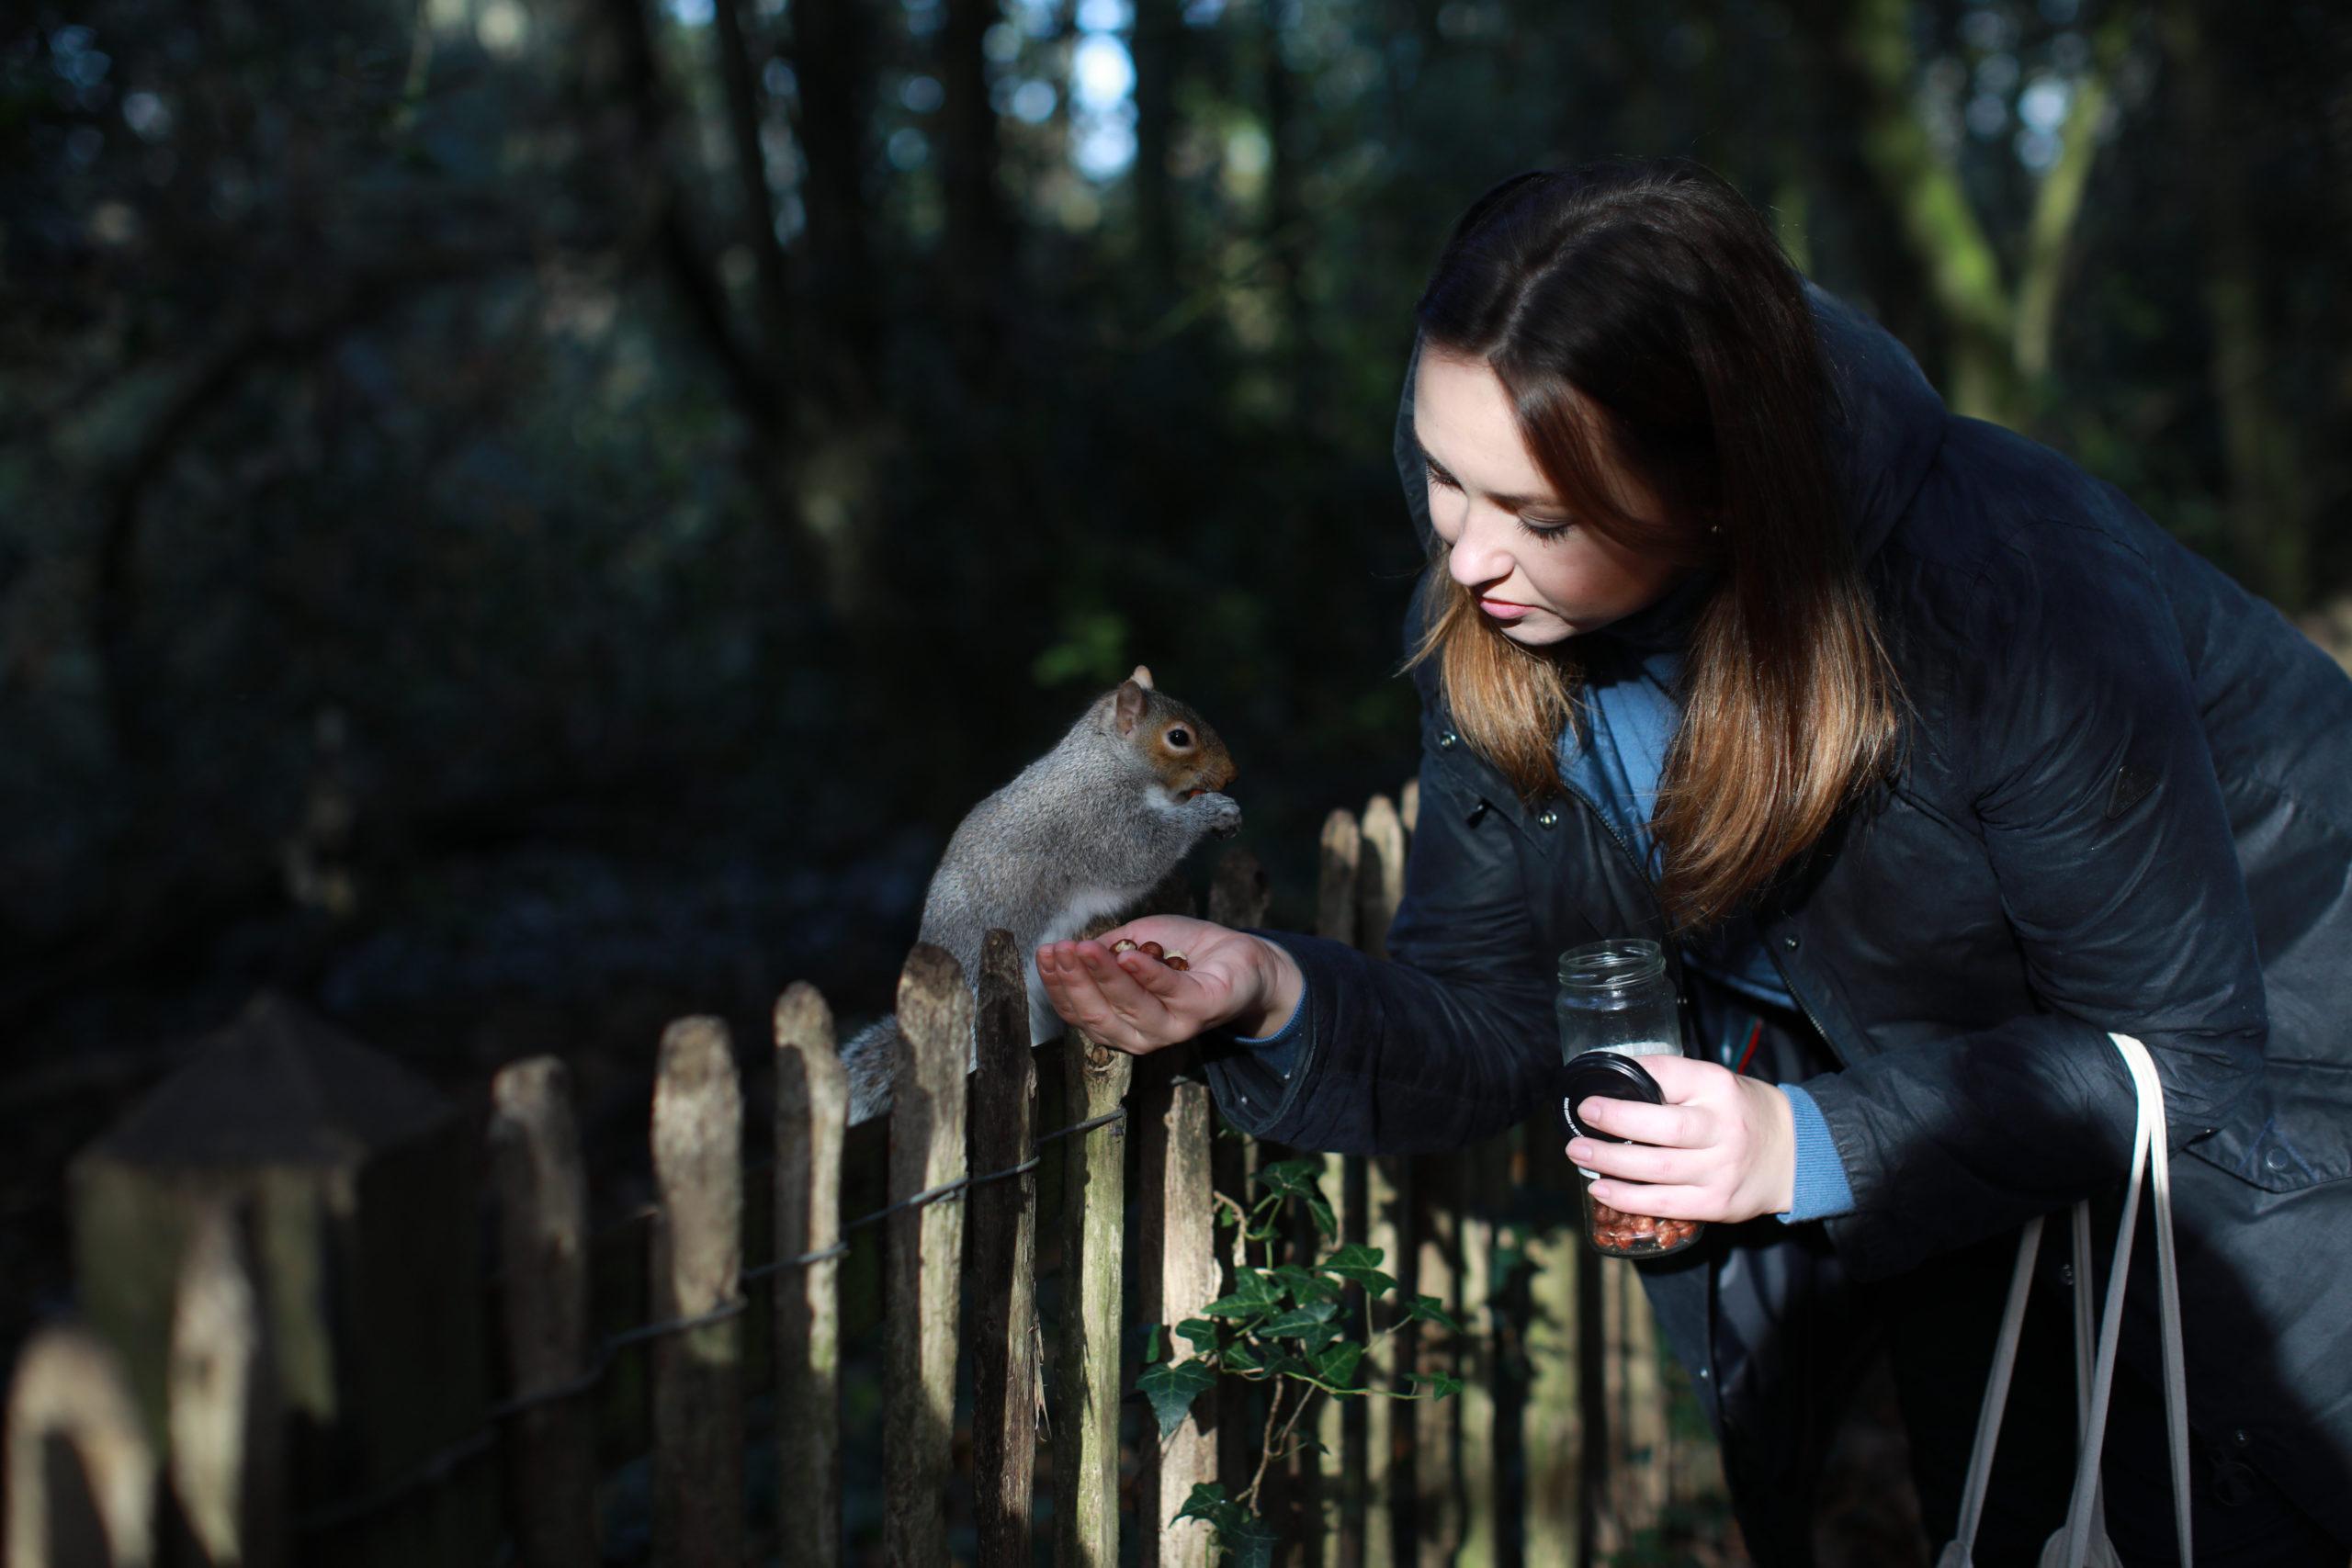 Як врятувати ліс: історія київської громади, якій вдалося